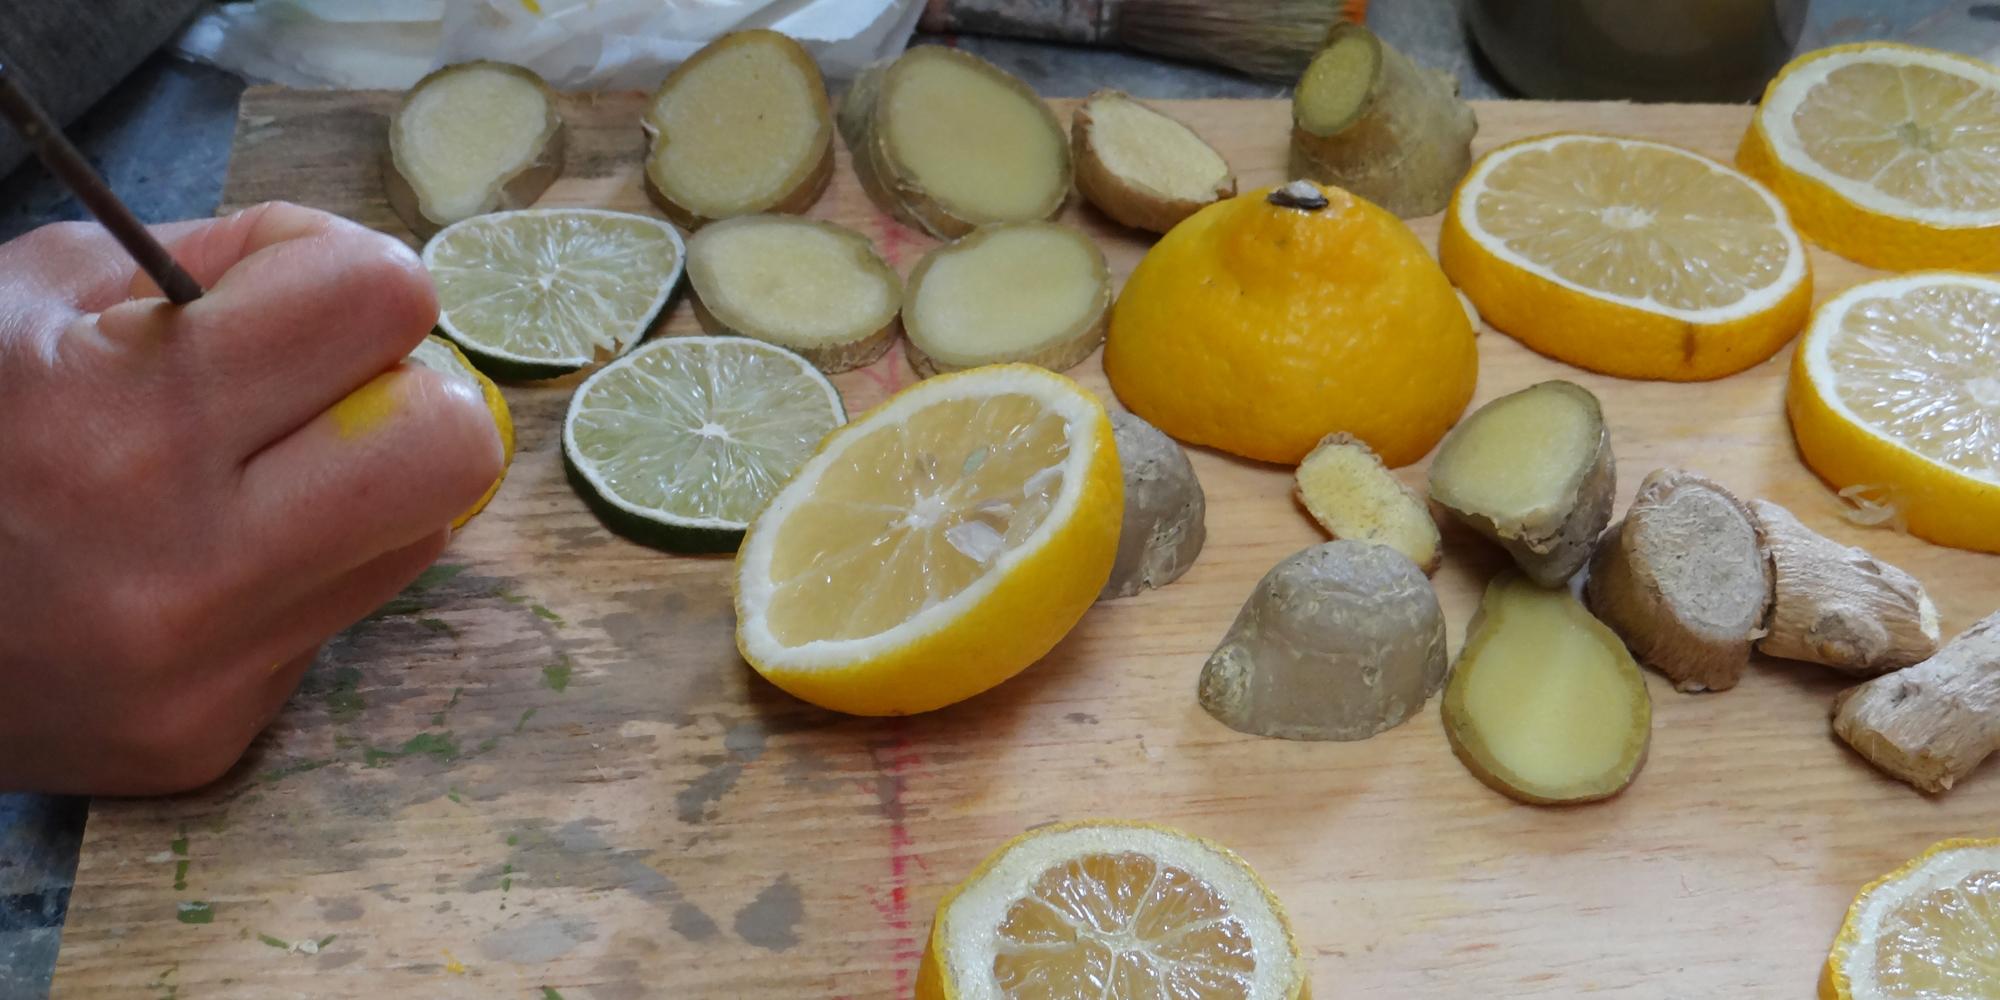 travail sur des rondelles de citrons et gingembres factices